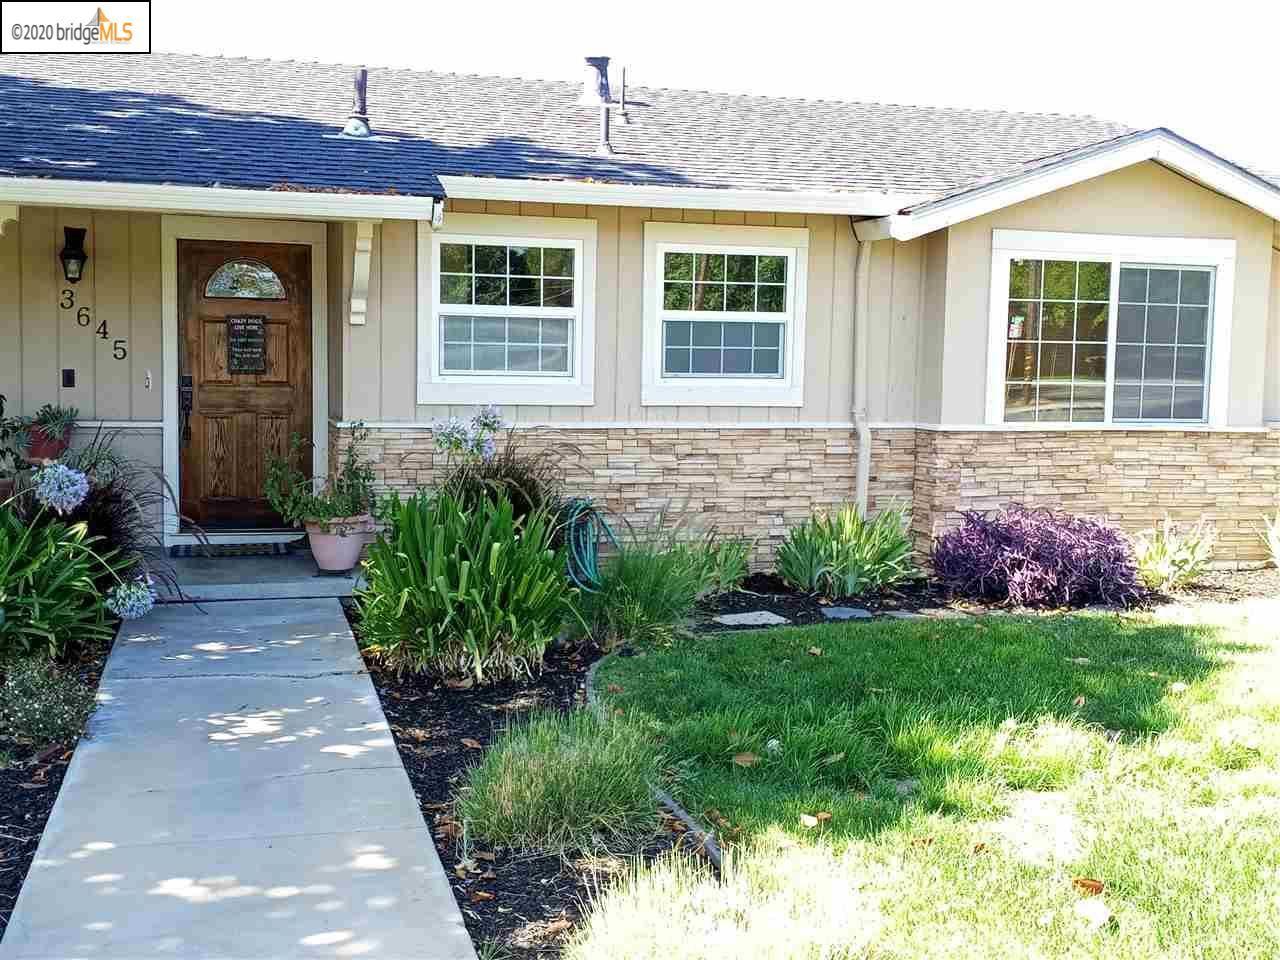 Photo for 3645 Concord Blvd, CONCORD, CA 94519 (MLS # 40912431)